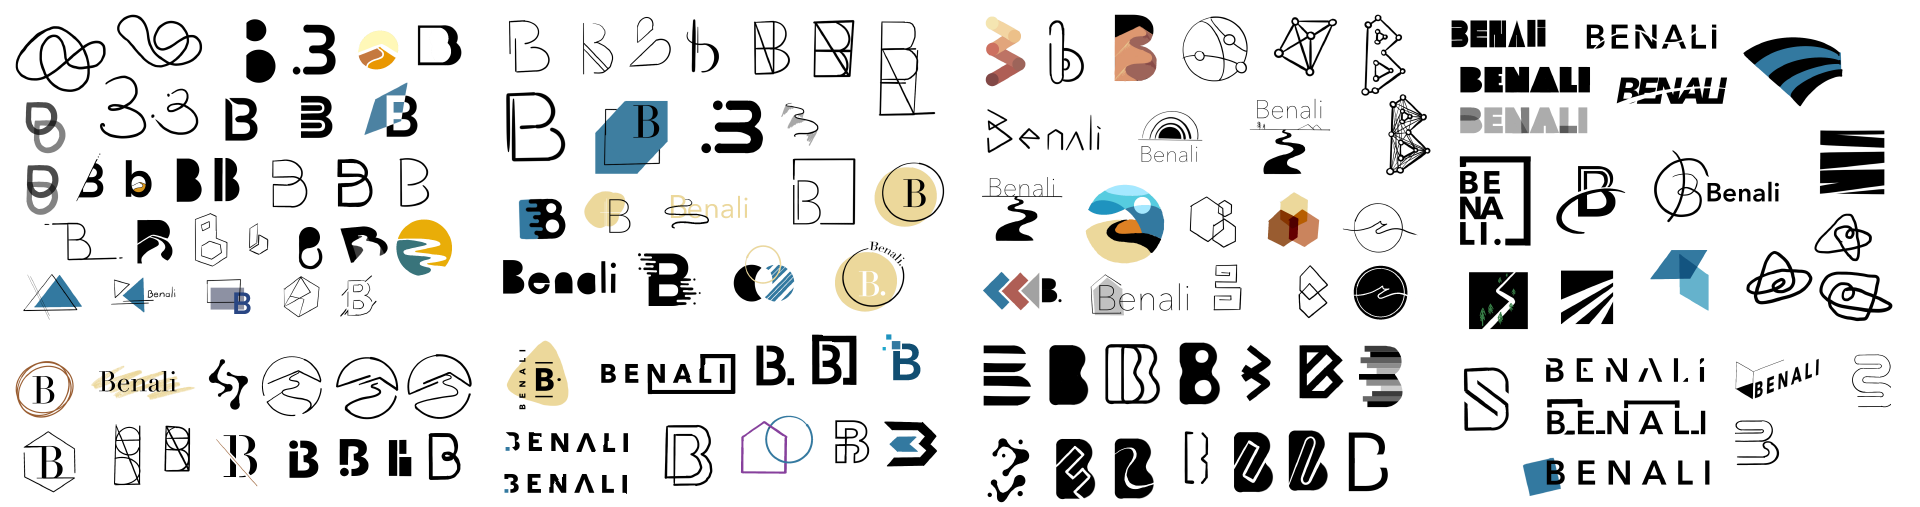 Benali rebrand_website pages_v1-03